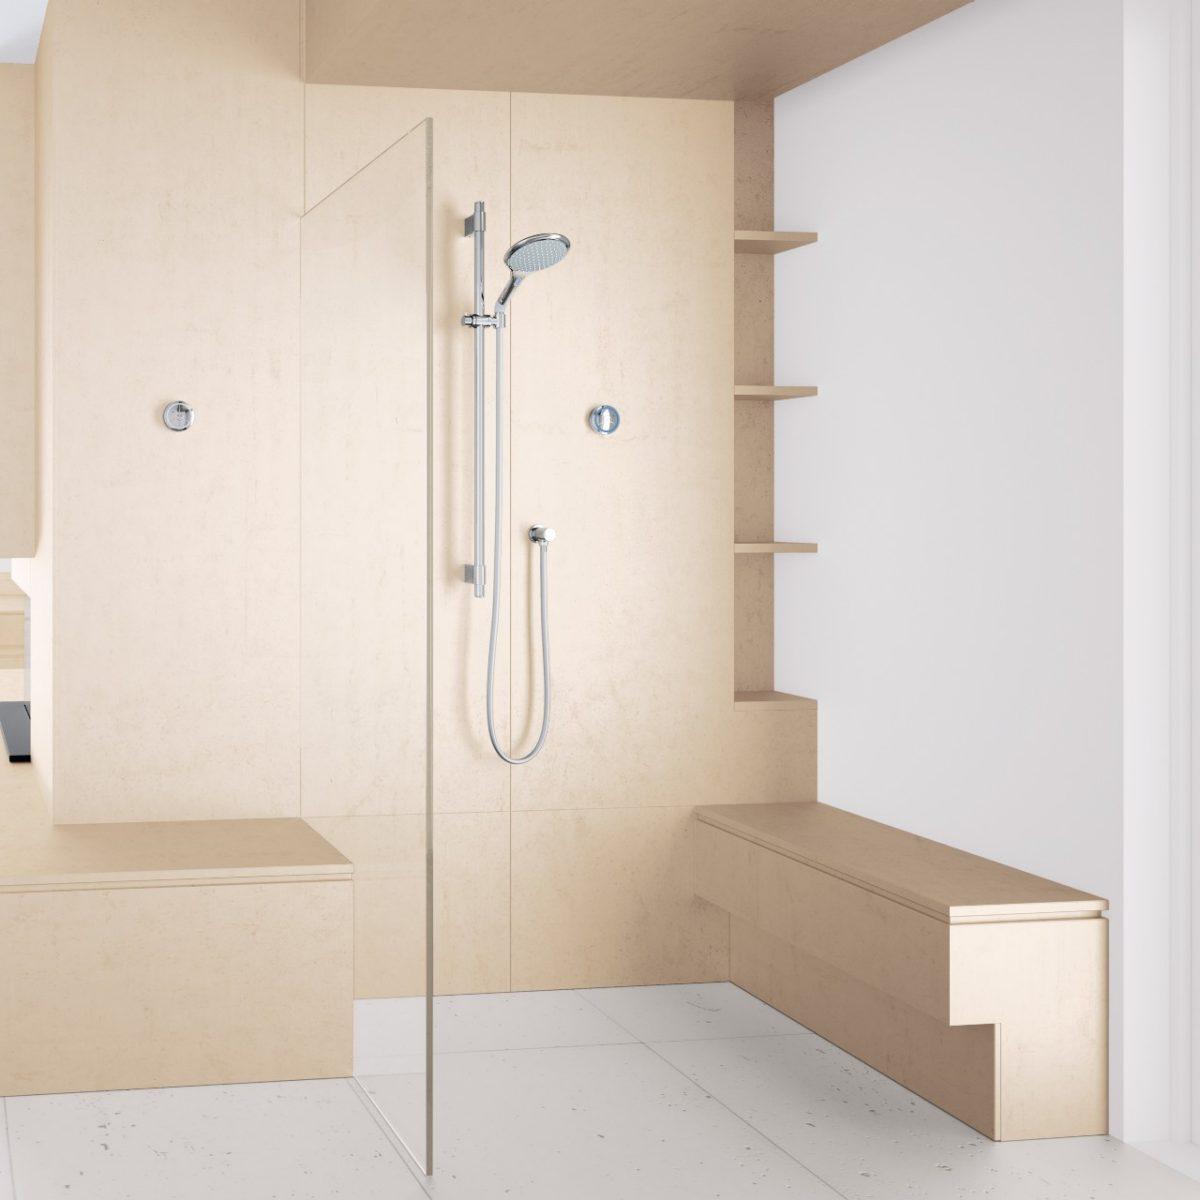 rainshower grohe f digital. Black Bedroom Furniture Sets. Home Design Ideas